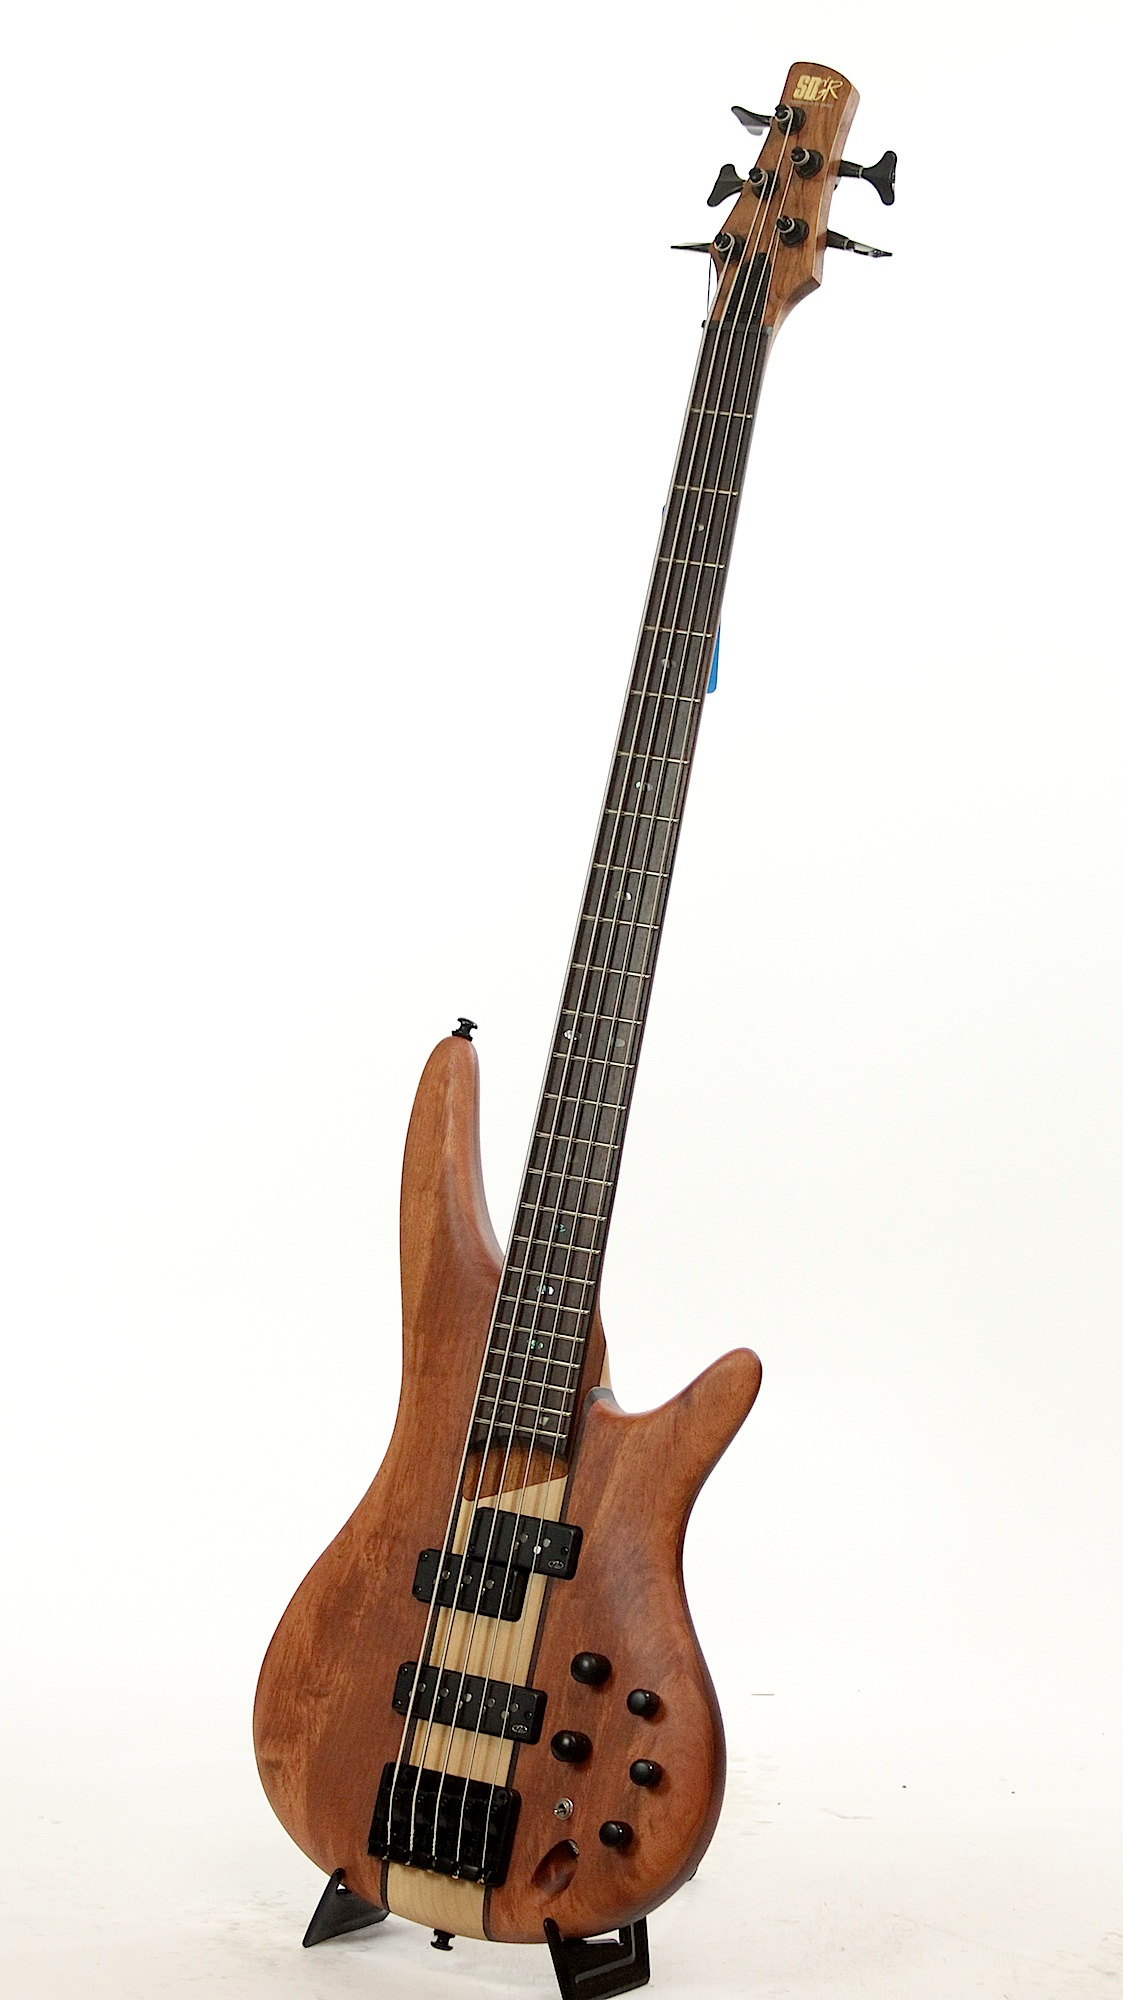 ibanez sr755 ntf natural flat electric bass guitar 6. Black Bedroom Furniture Sets. Home Design Ideas